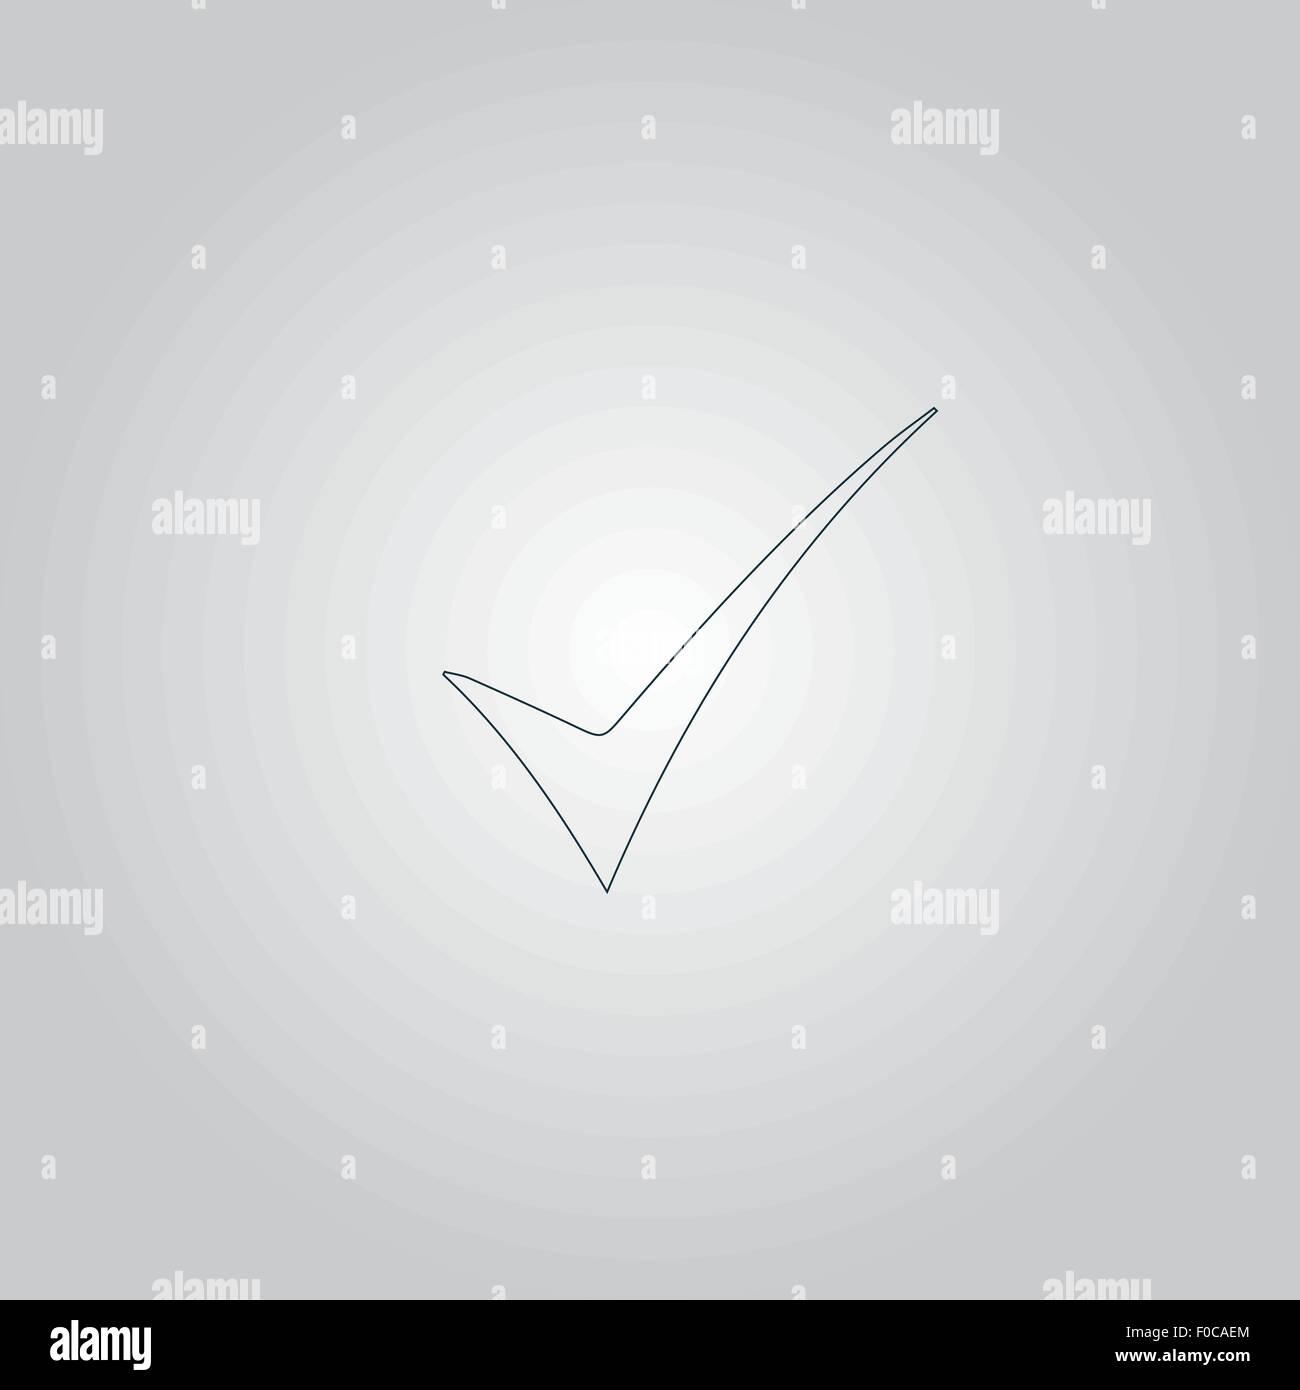 Elegant Check mark symbol Stock Vector Art & Illustration, Vector